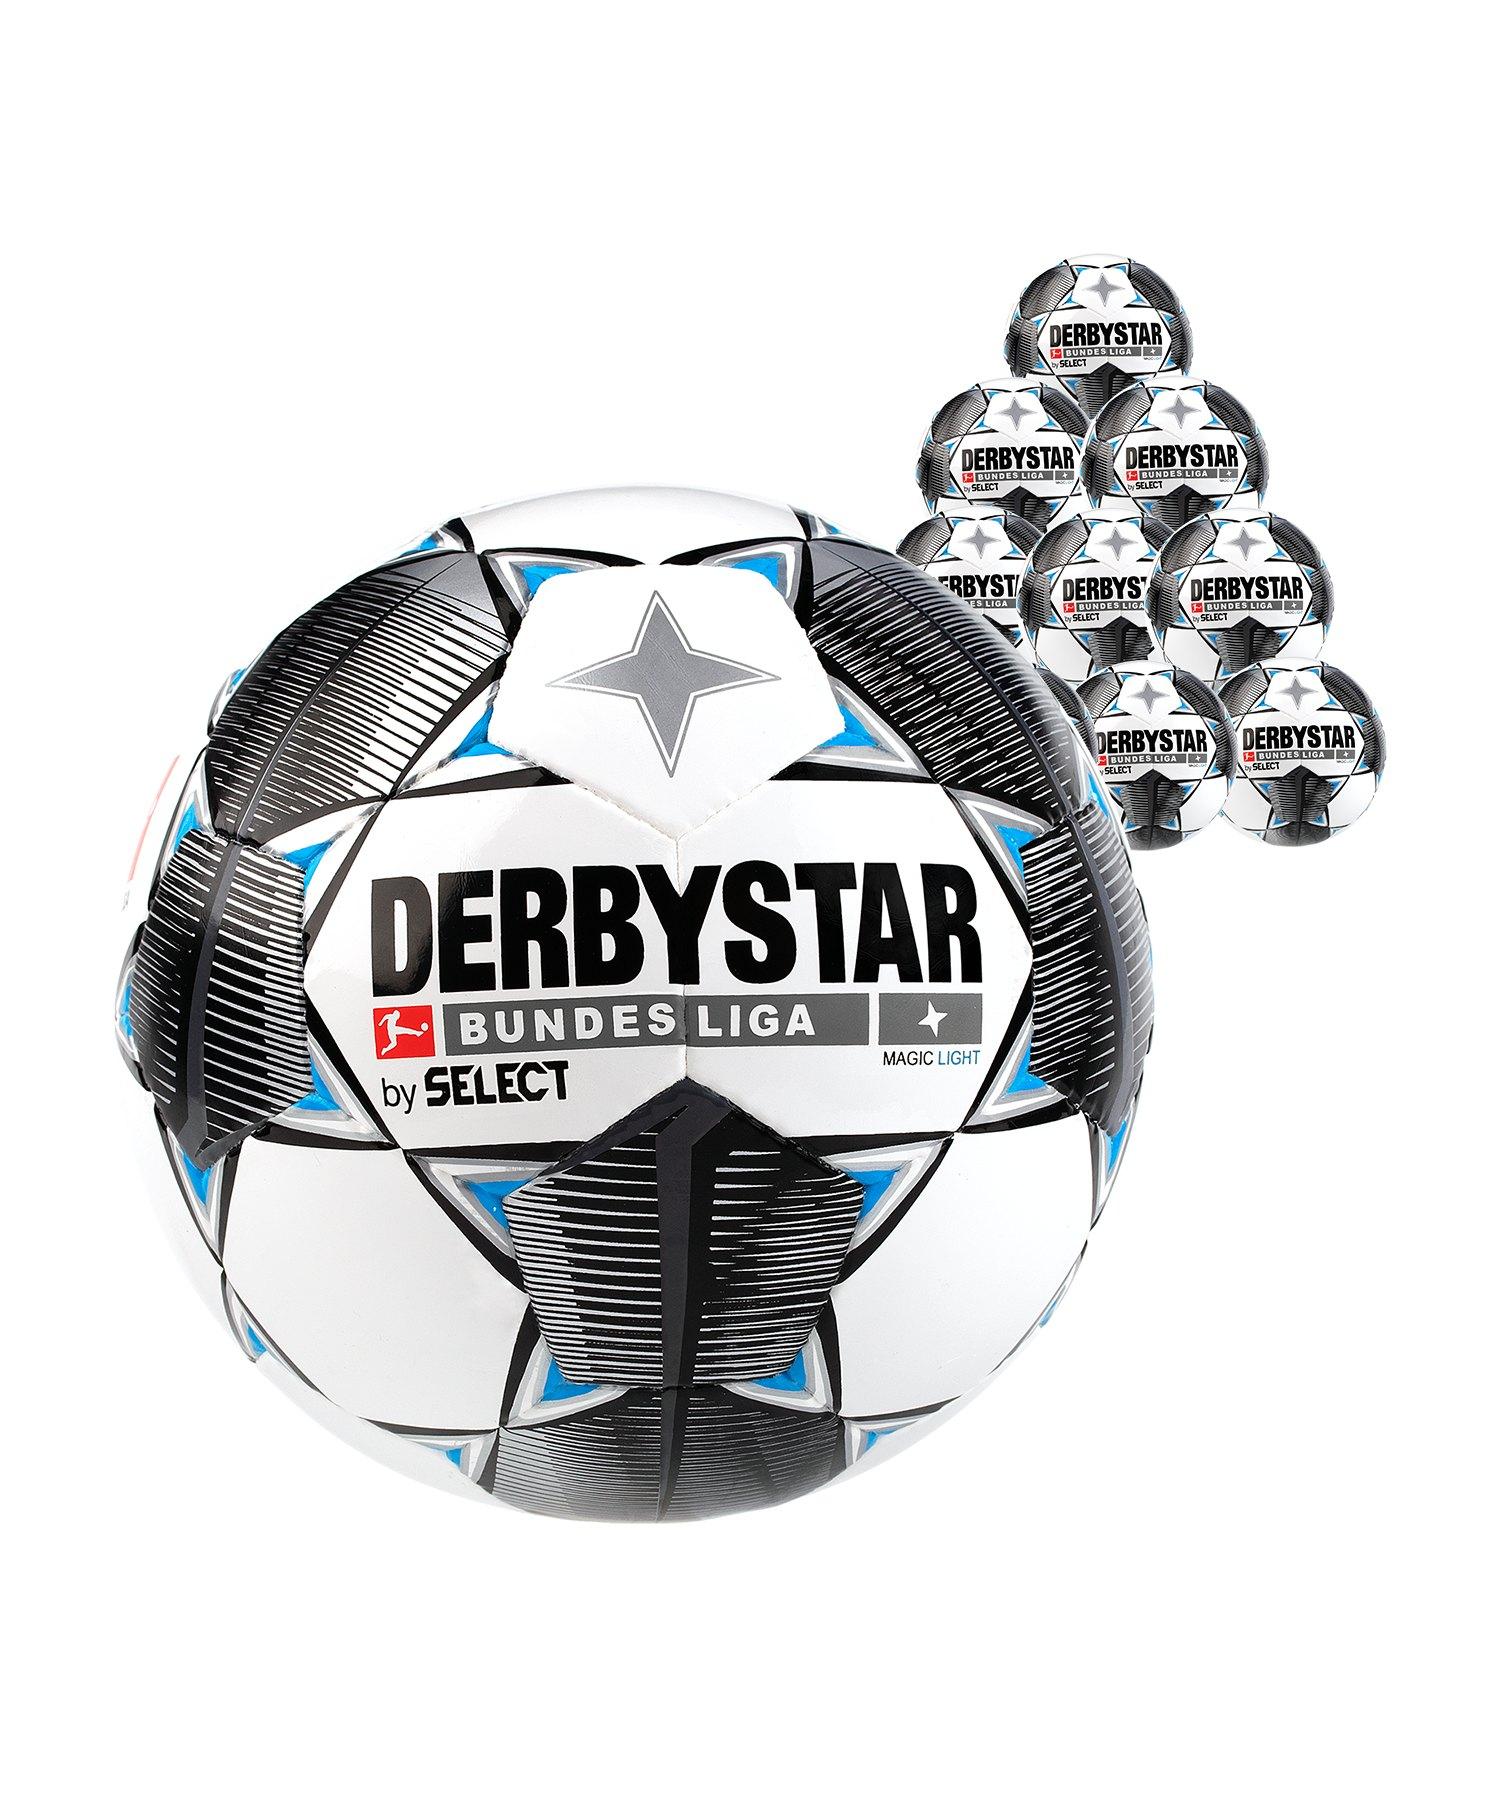 Derbystar Buli Magic Light 350g 10x Gr.4 Weiss F019 - weiss